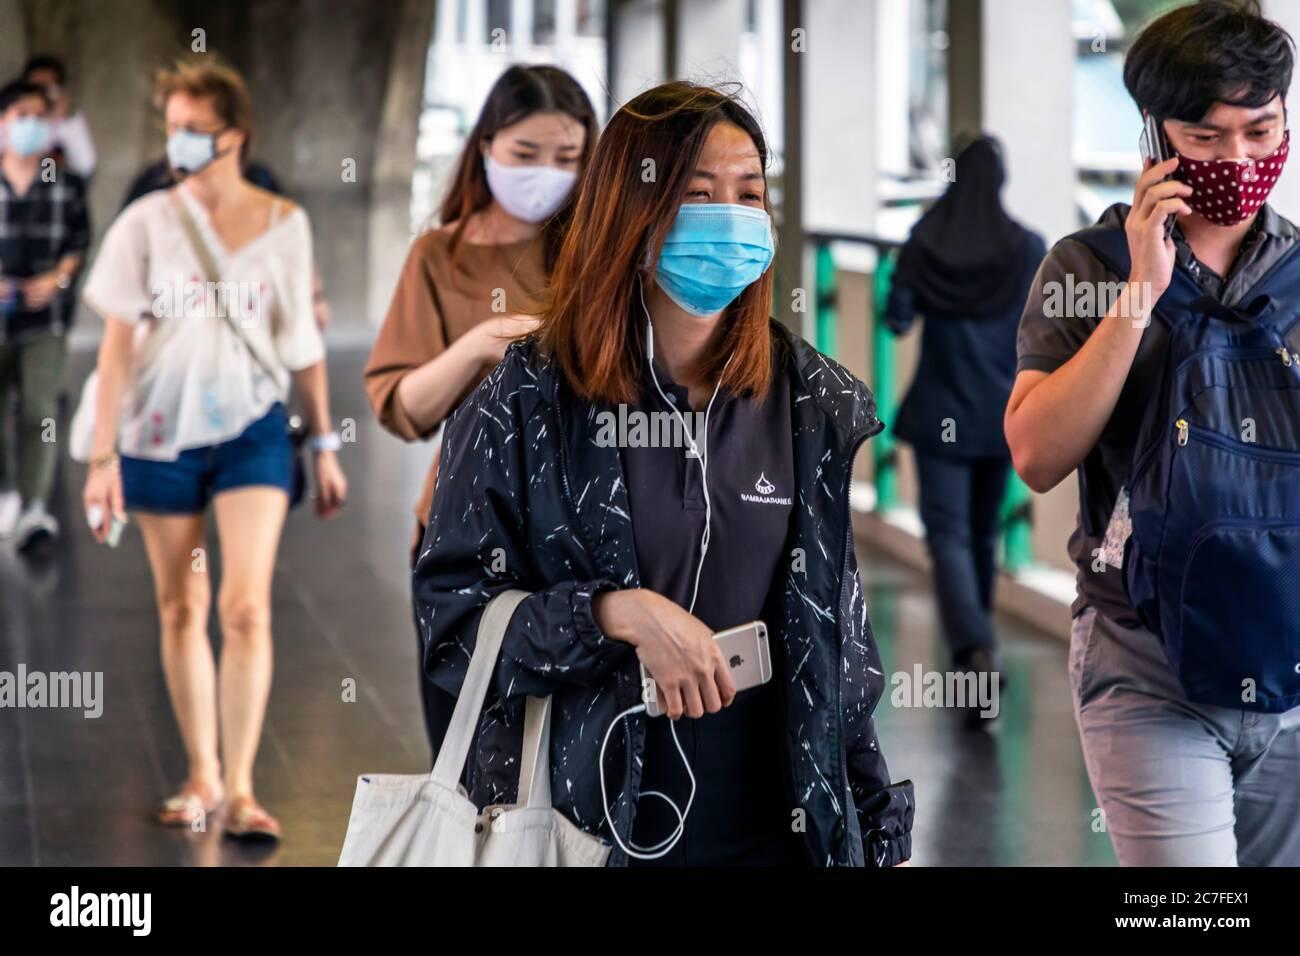 Peatones que usan máscara con teléfono móvil durante la pandemia de Covid 19, Bangkok, Tailandia Foto de stock